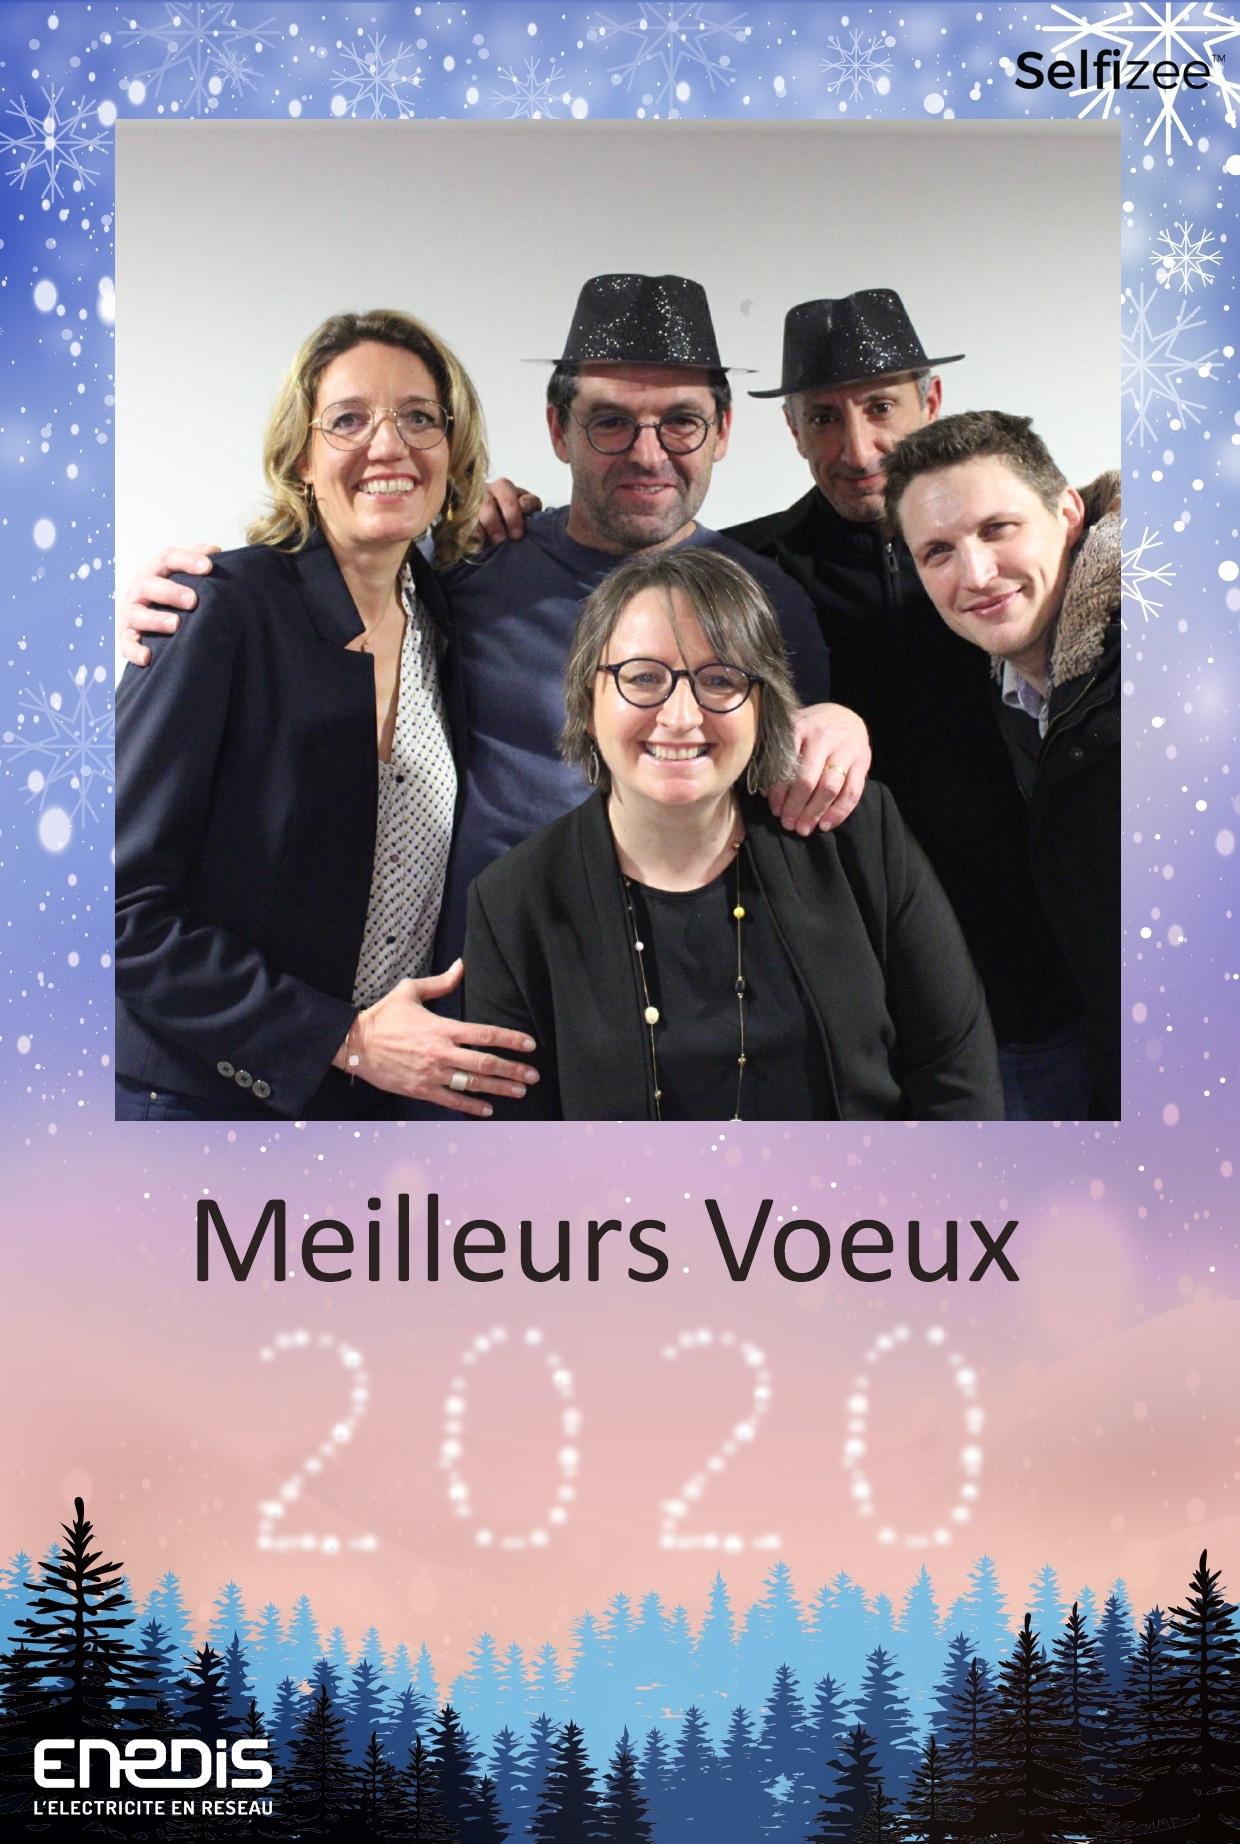 Borne photo connectée animation selfie fête nouvel an voeux 2020 à l'entreprise Enedis Le Havre